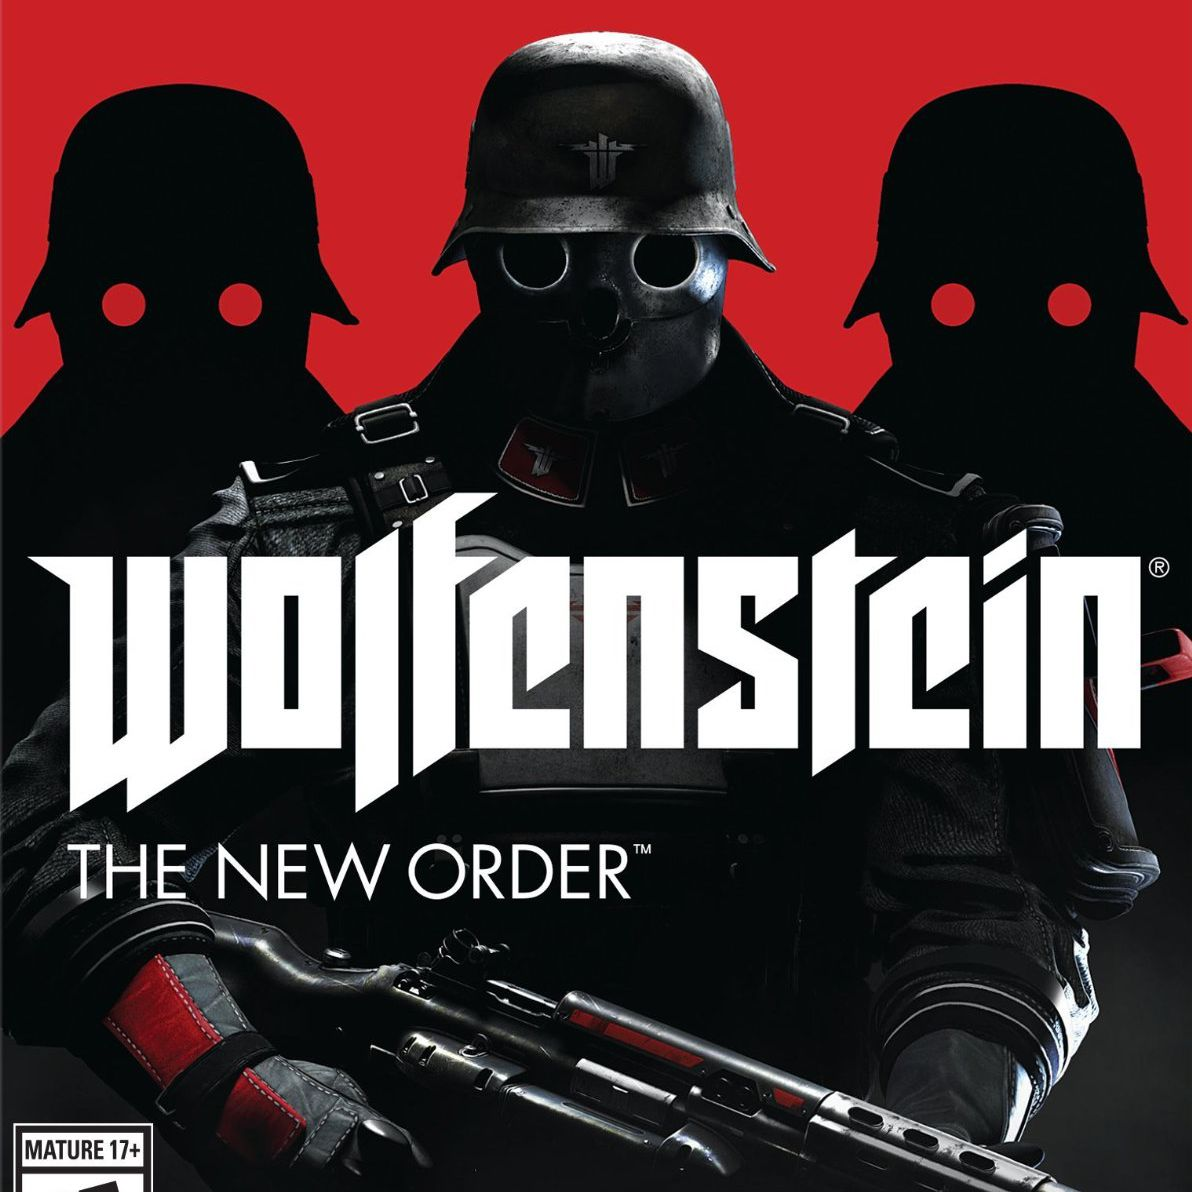 Wolfenstein-The New Order